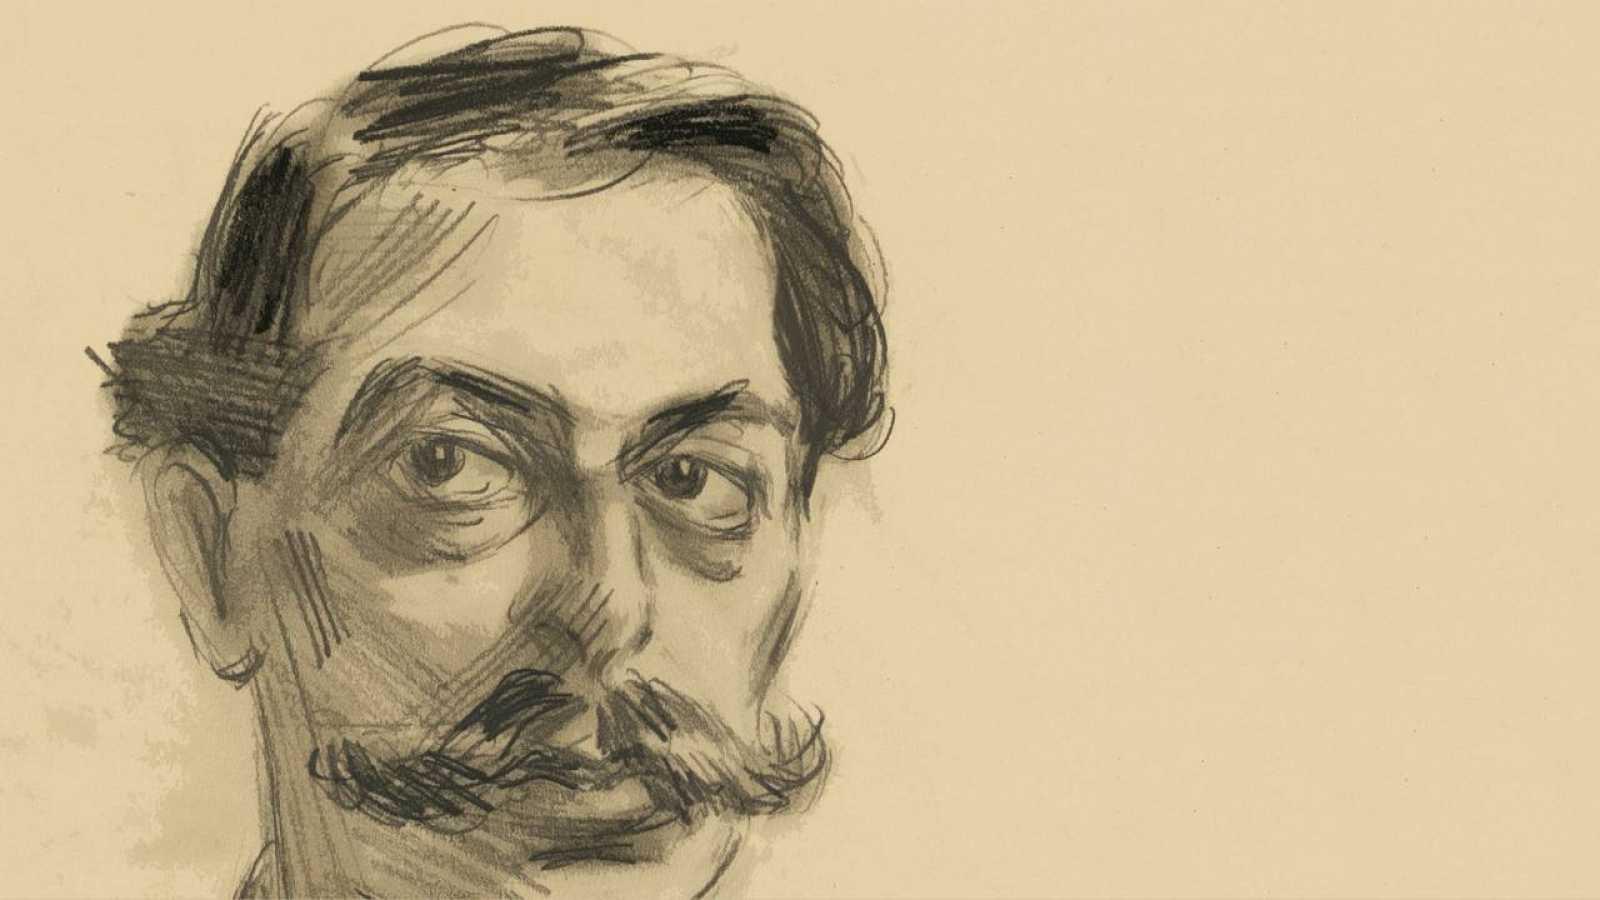 El compositor Enrique Granados por el dibujante David Santsalvador